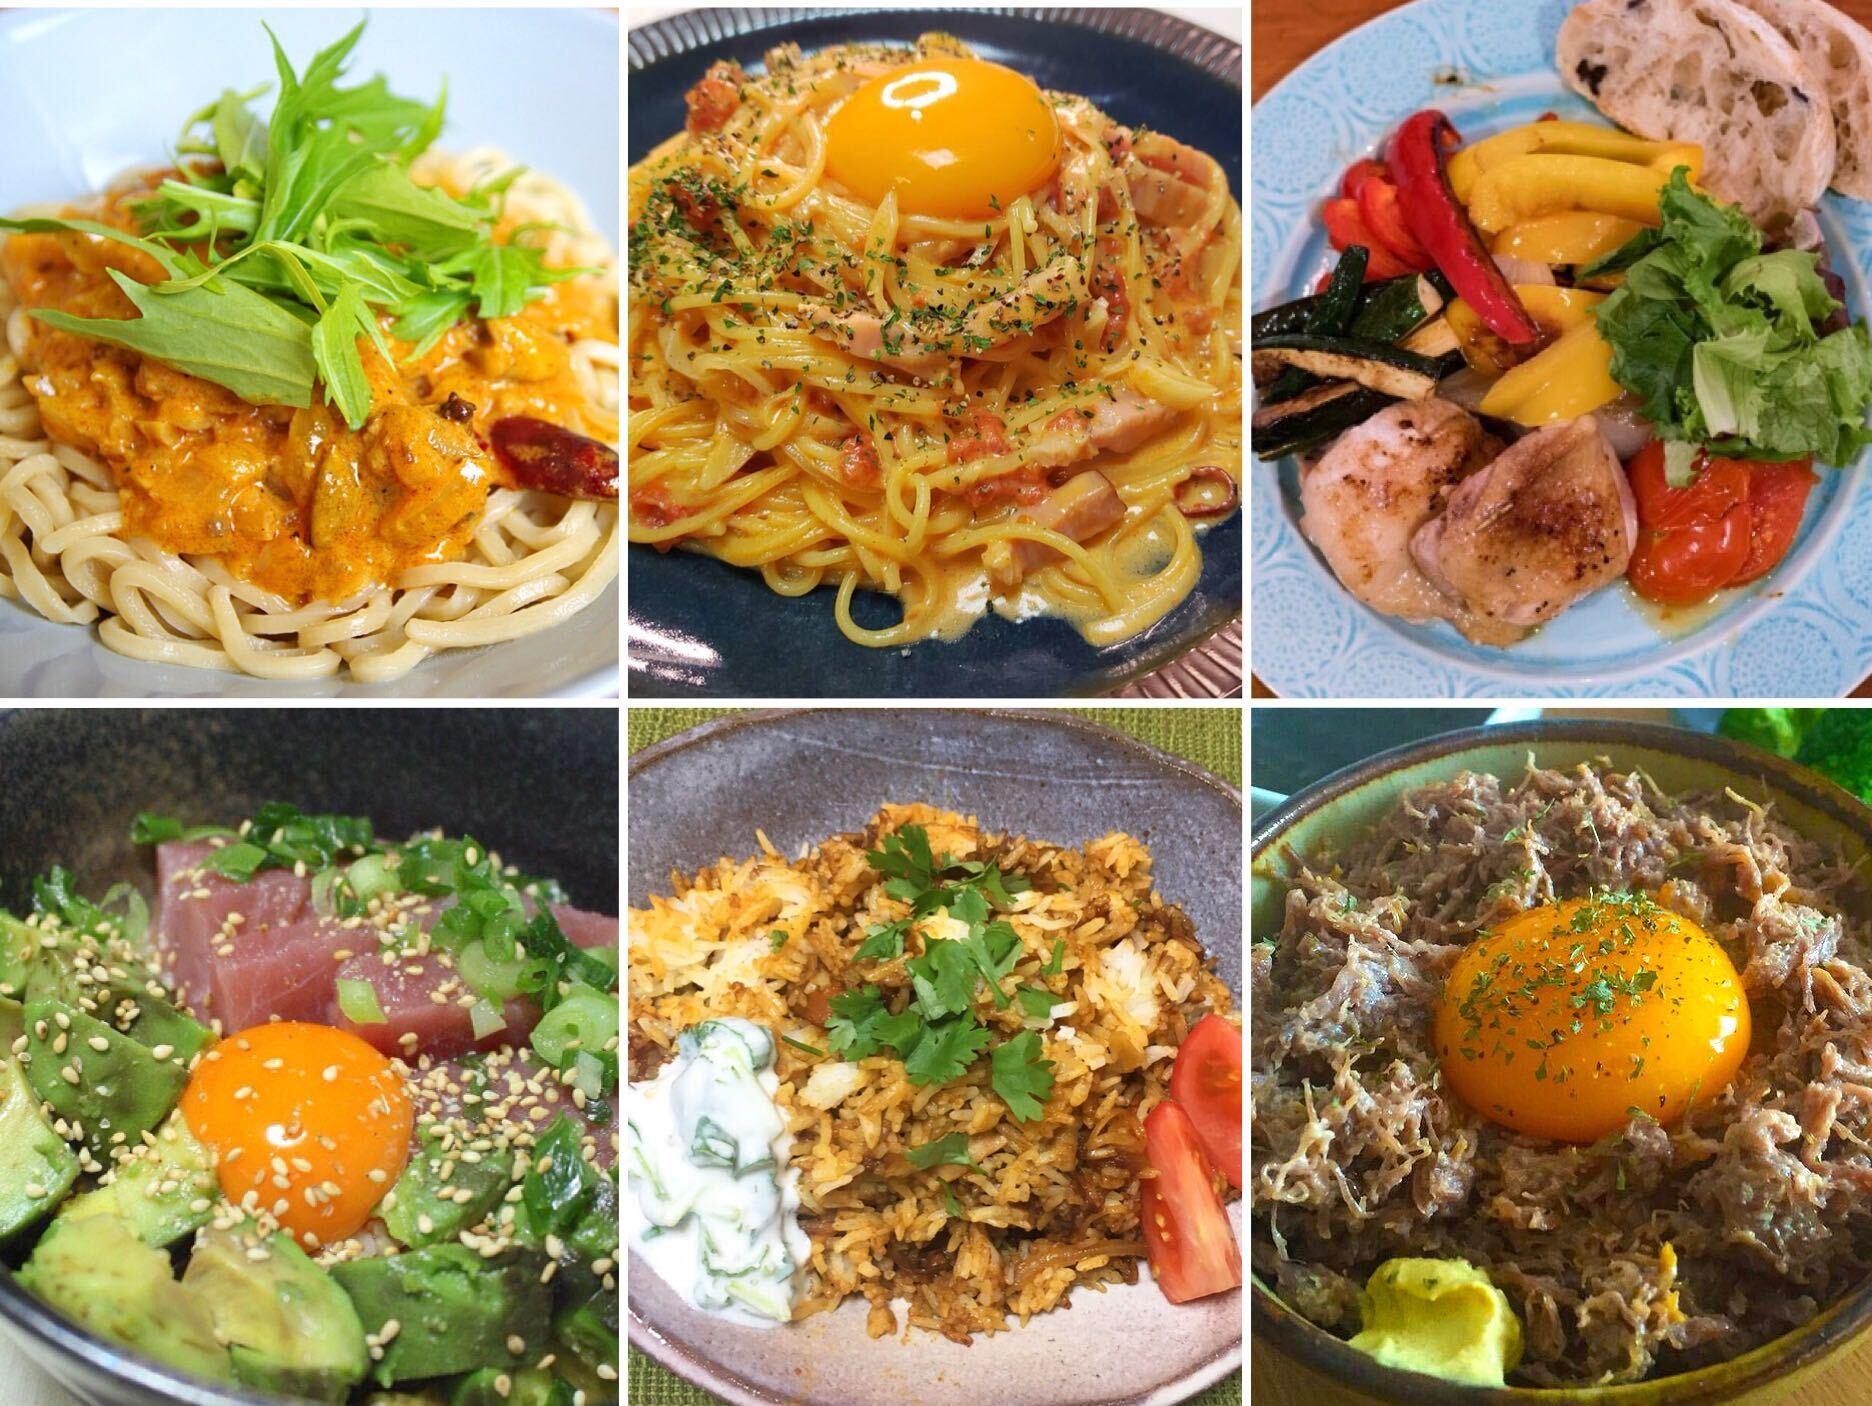 毎日の自炊をがんばるみなさんへ。「今日何食べよう?」に困ったら見てほしいアイデアまとめ